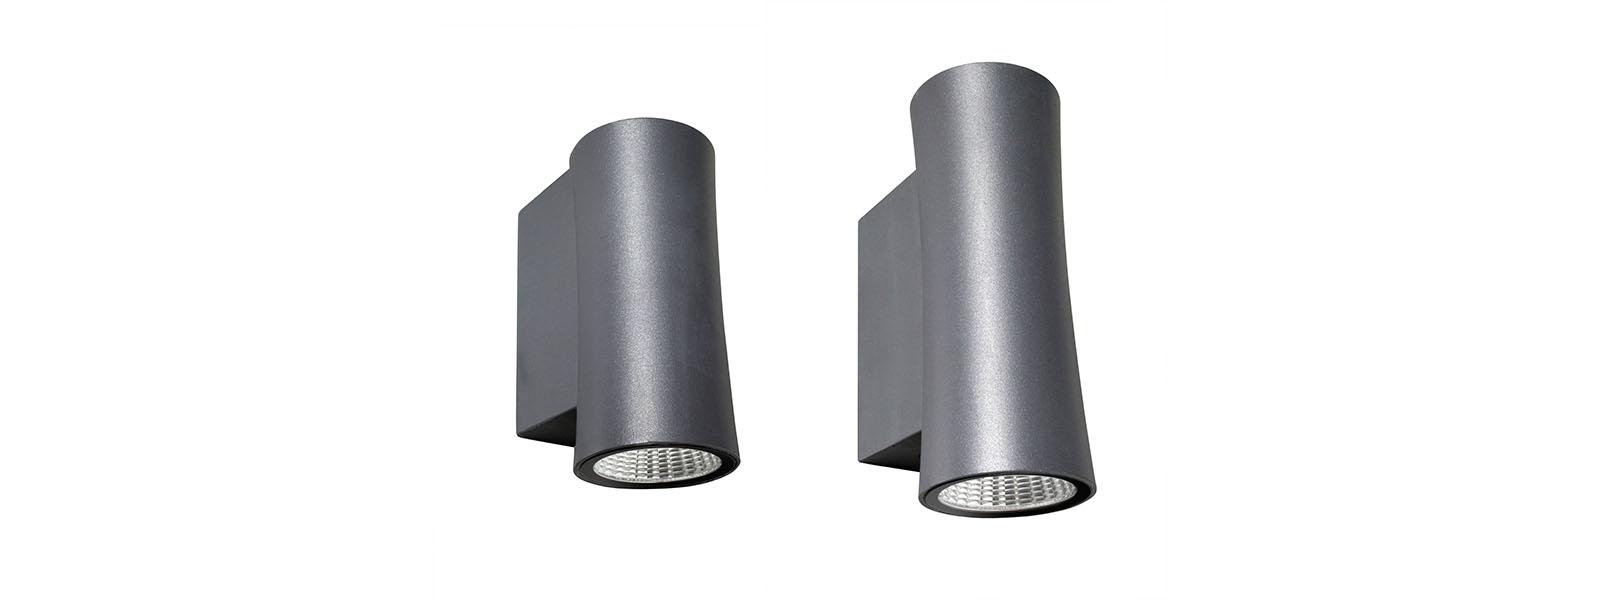 MONOLUME & BILUME nástěnná LED svítidla s přímým nebo přímo/nepřímým vyzařováním